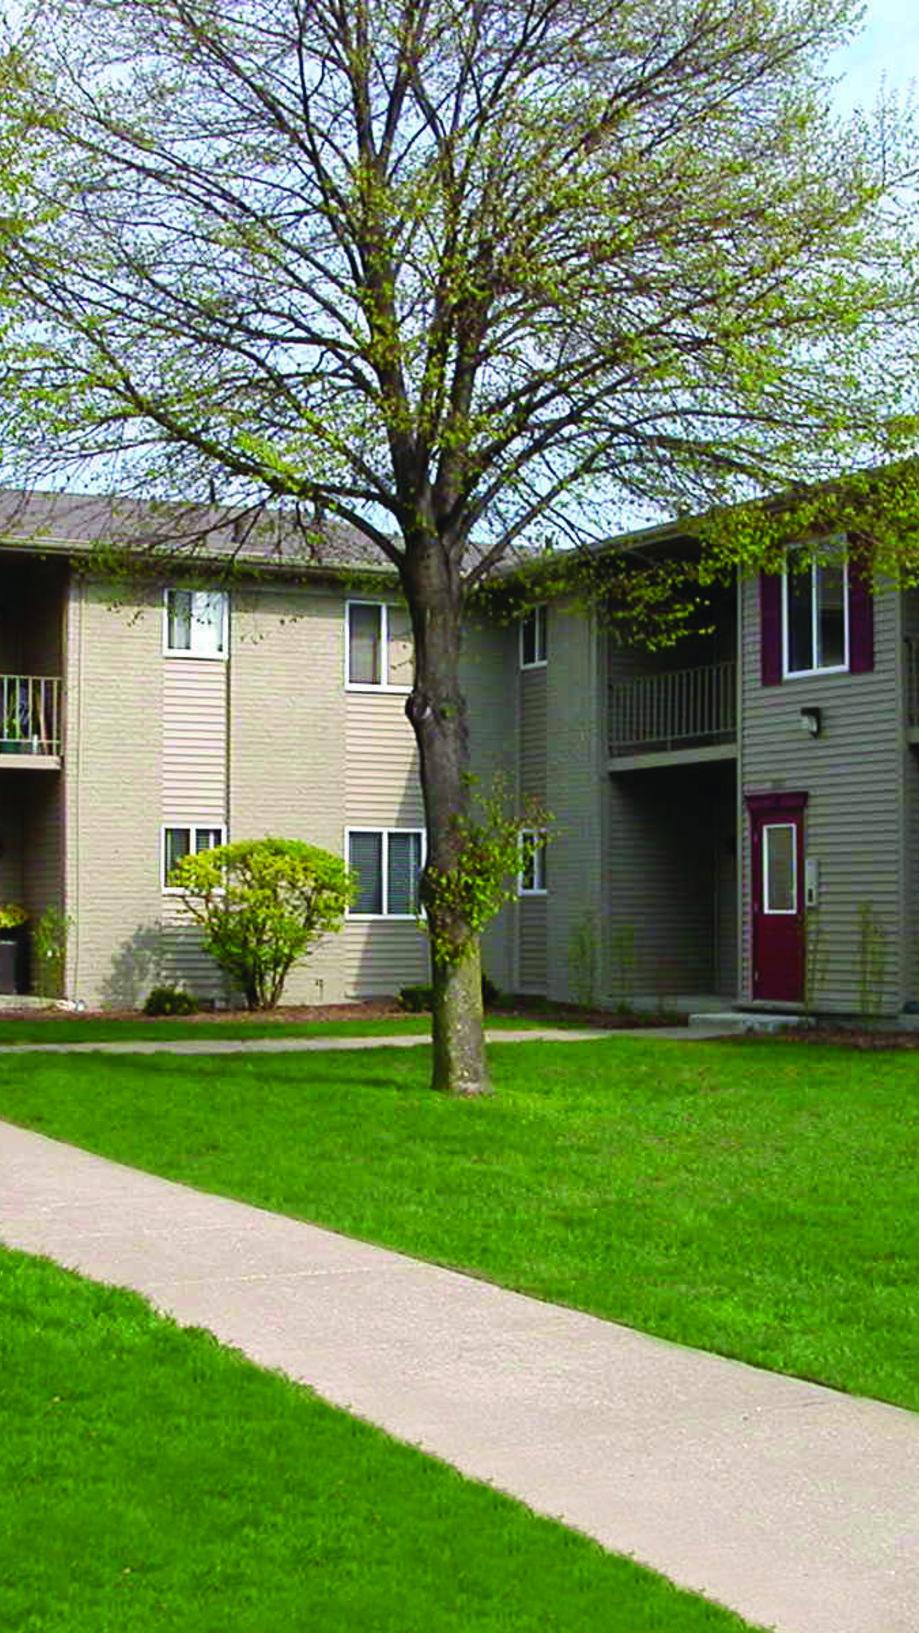 Apartments for Rent in Allen Park, MI | Allen Pointe